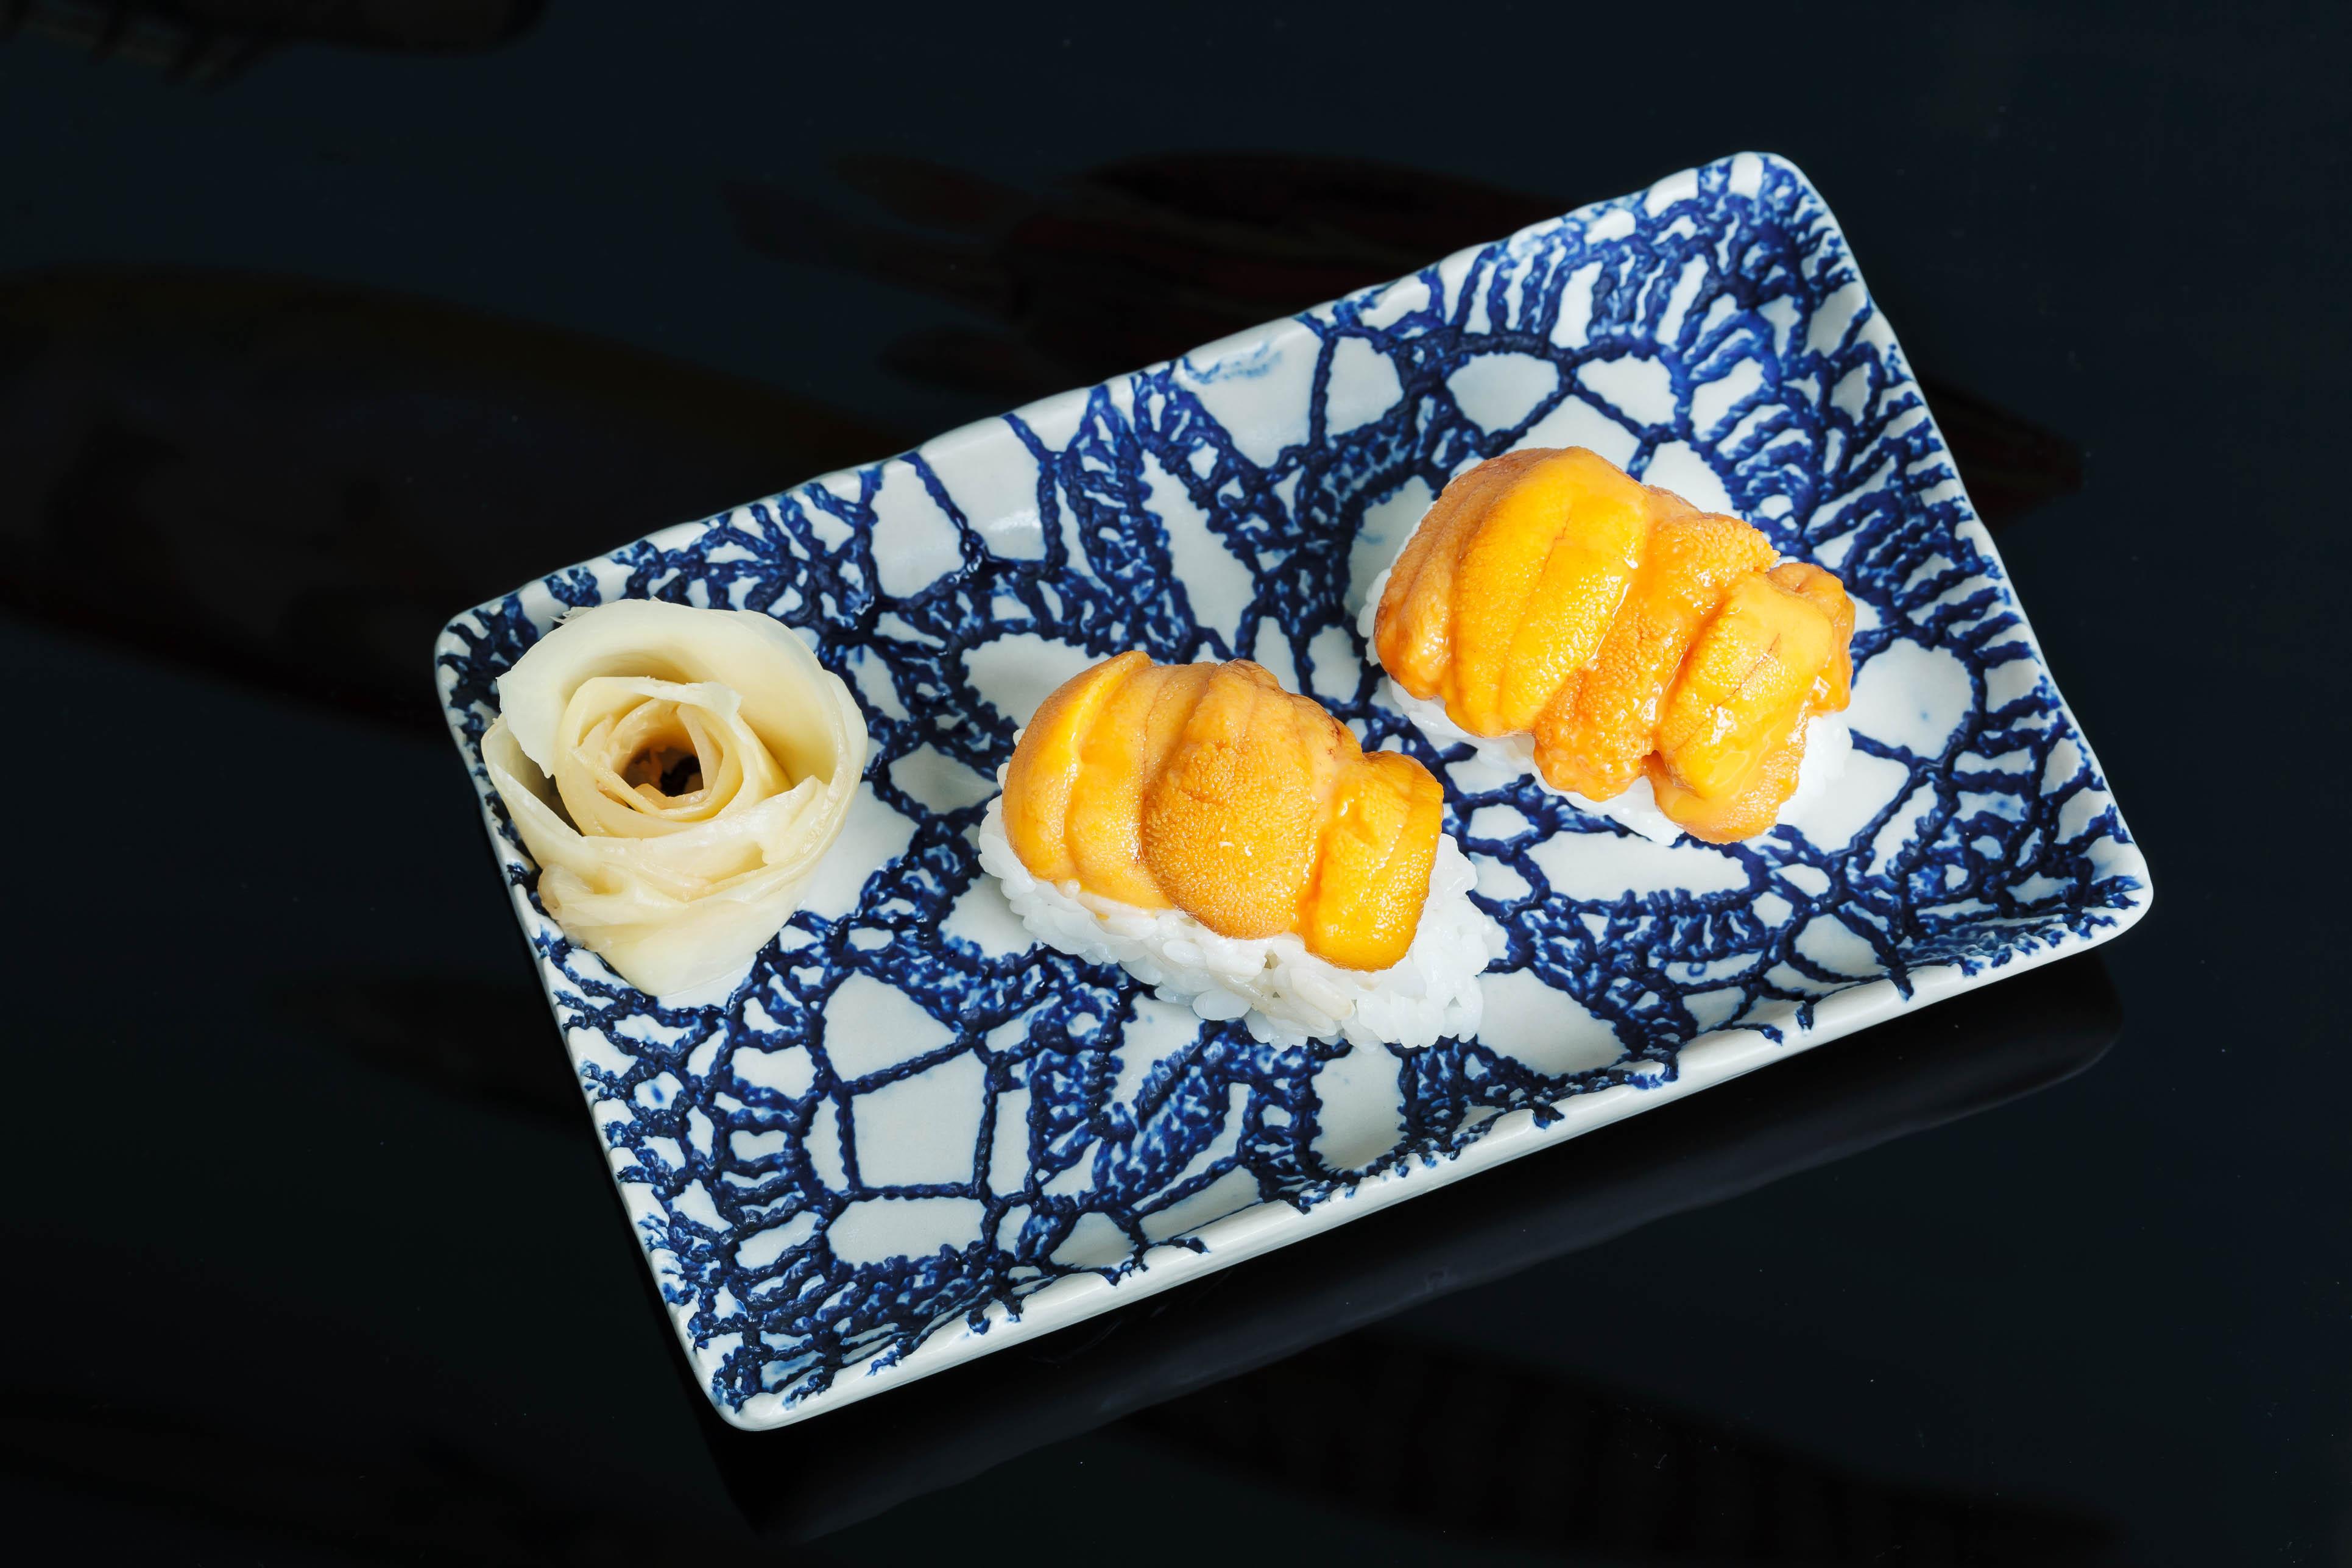 Premium Japanese Uni Sushis